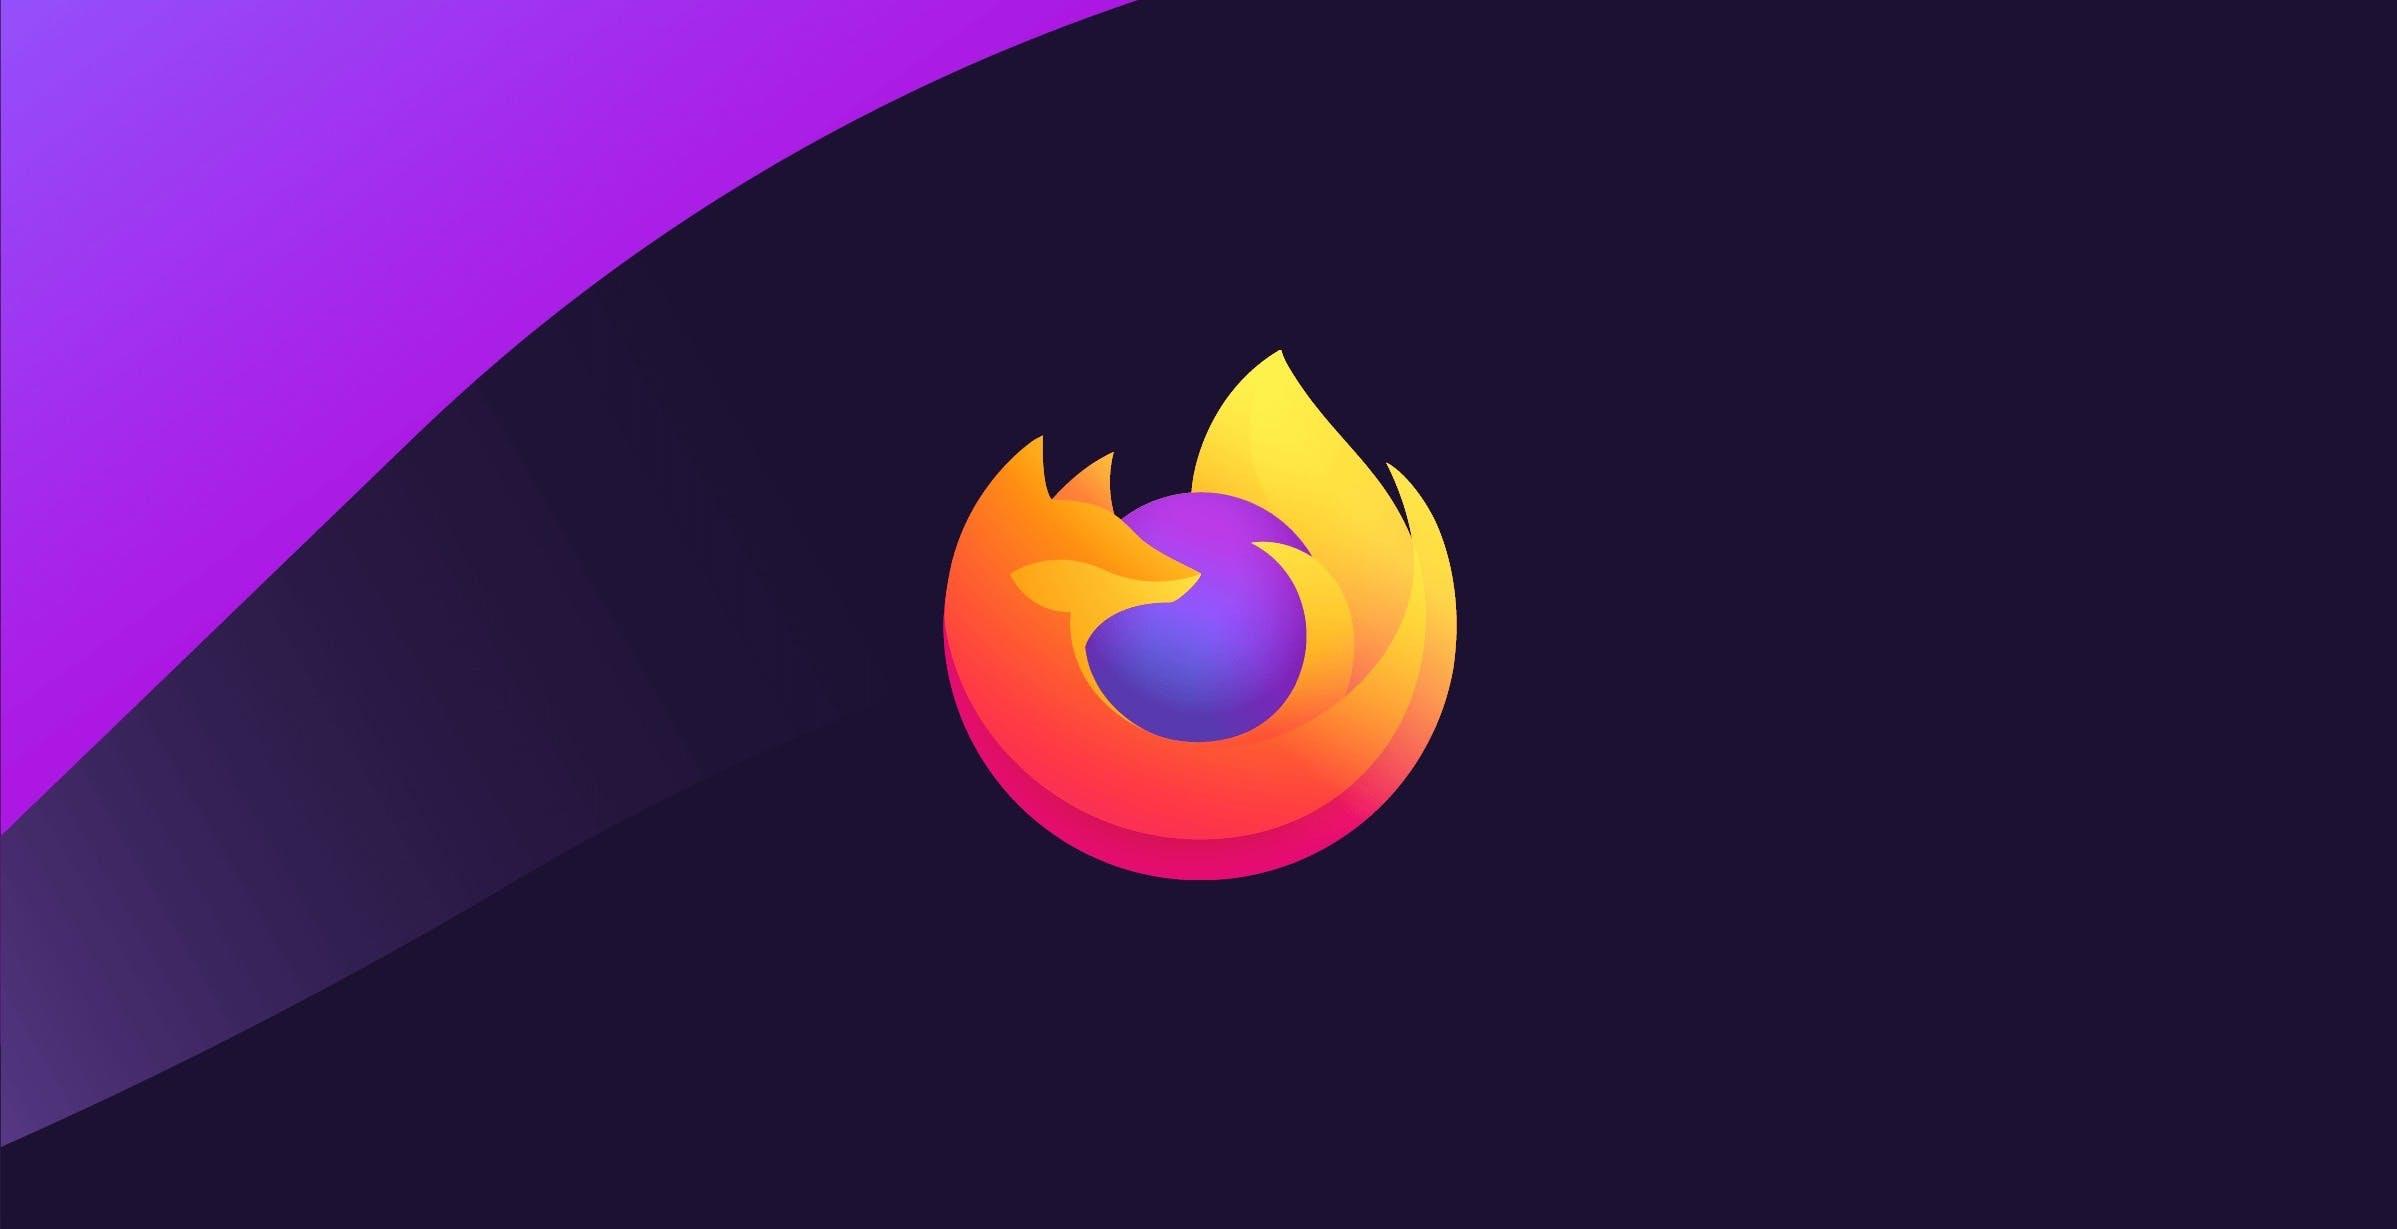 La nuova versione di Firefox permetterà di bloccare la condivisione dei cookie fra i siti